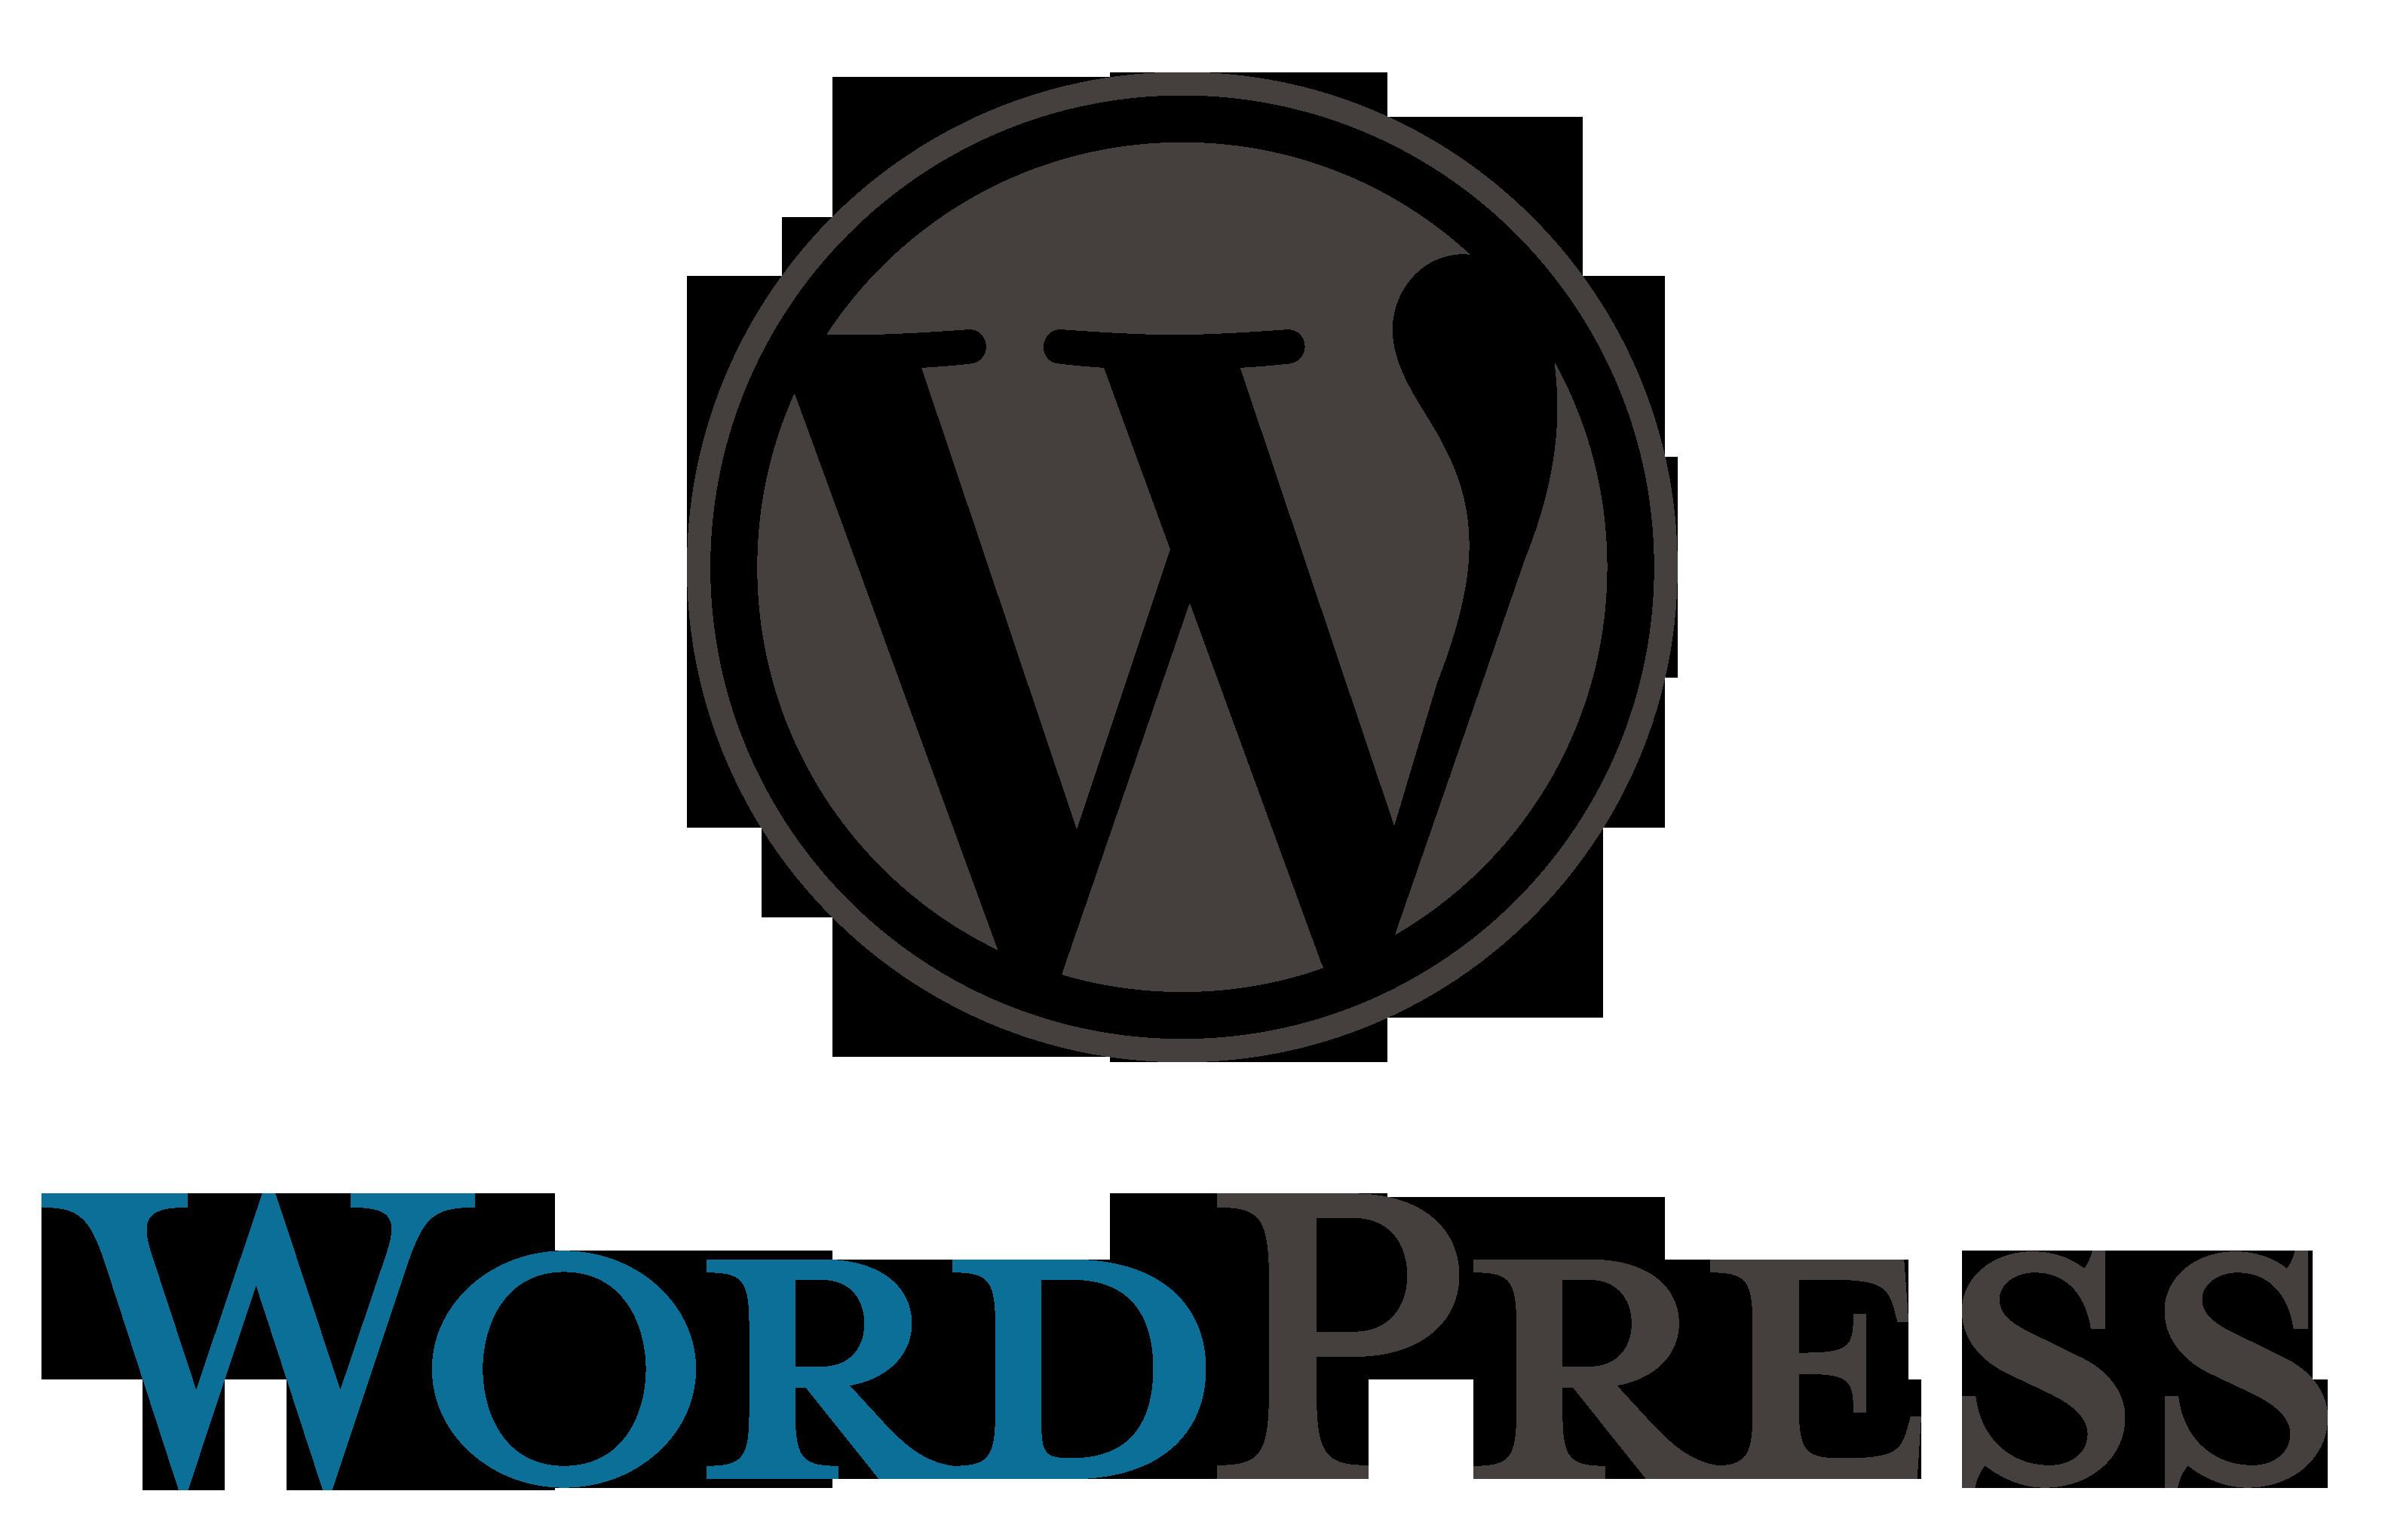 http://www.neowin.net/images/uploaded/wordpress.jpg